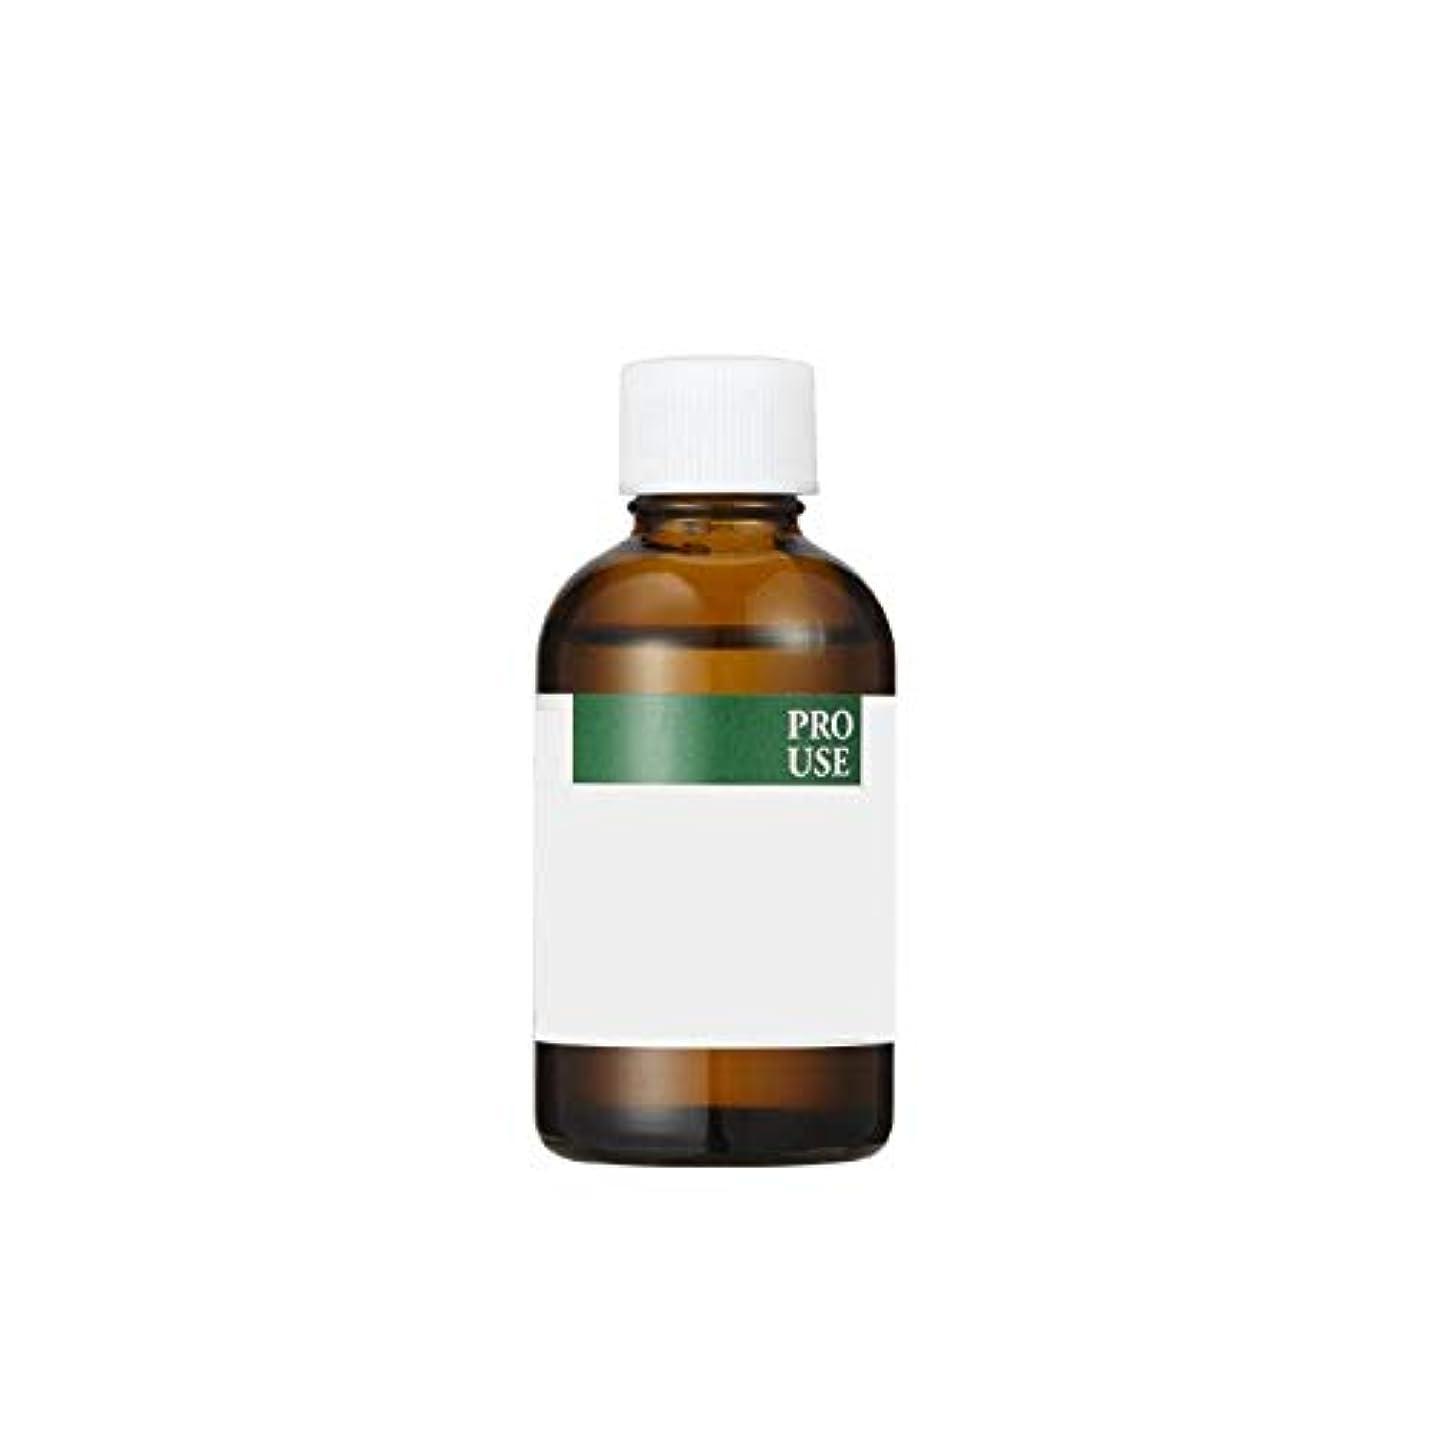 ディスクスキームオプショナル生活の木 オークモスAbs.5%精油 50ml